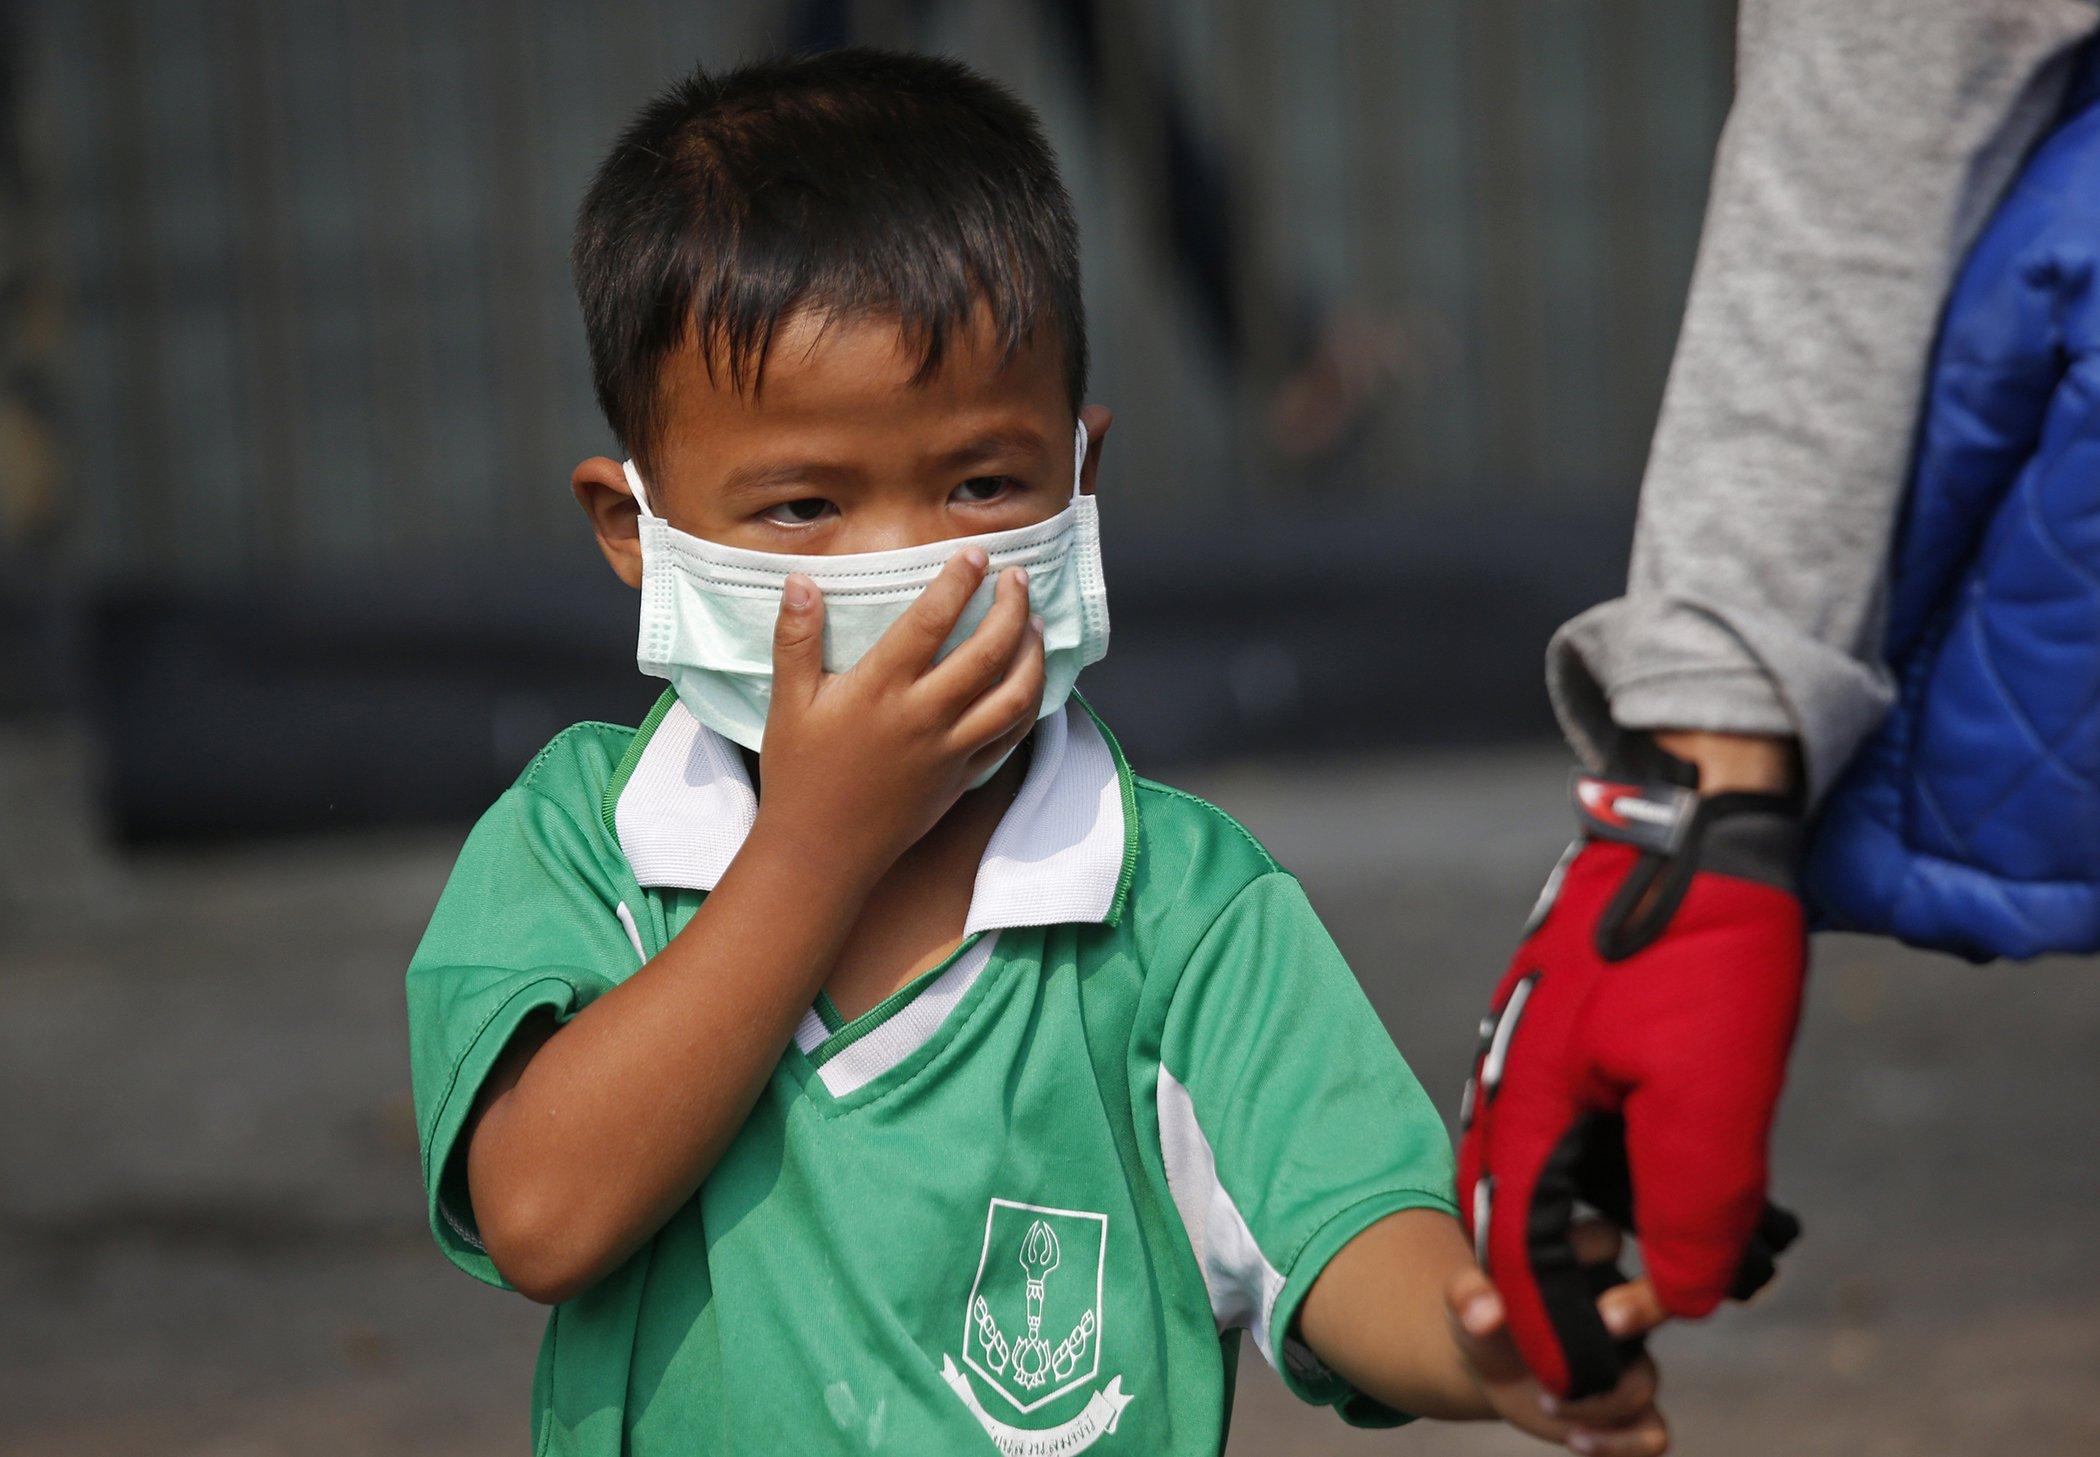 Thailand-Pollution-Health-Environment.jpg